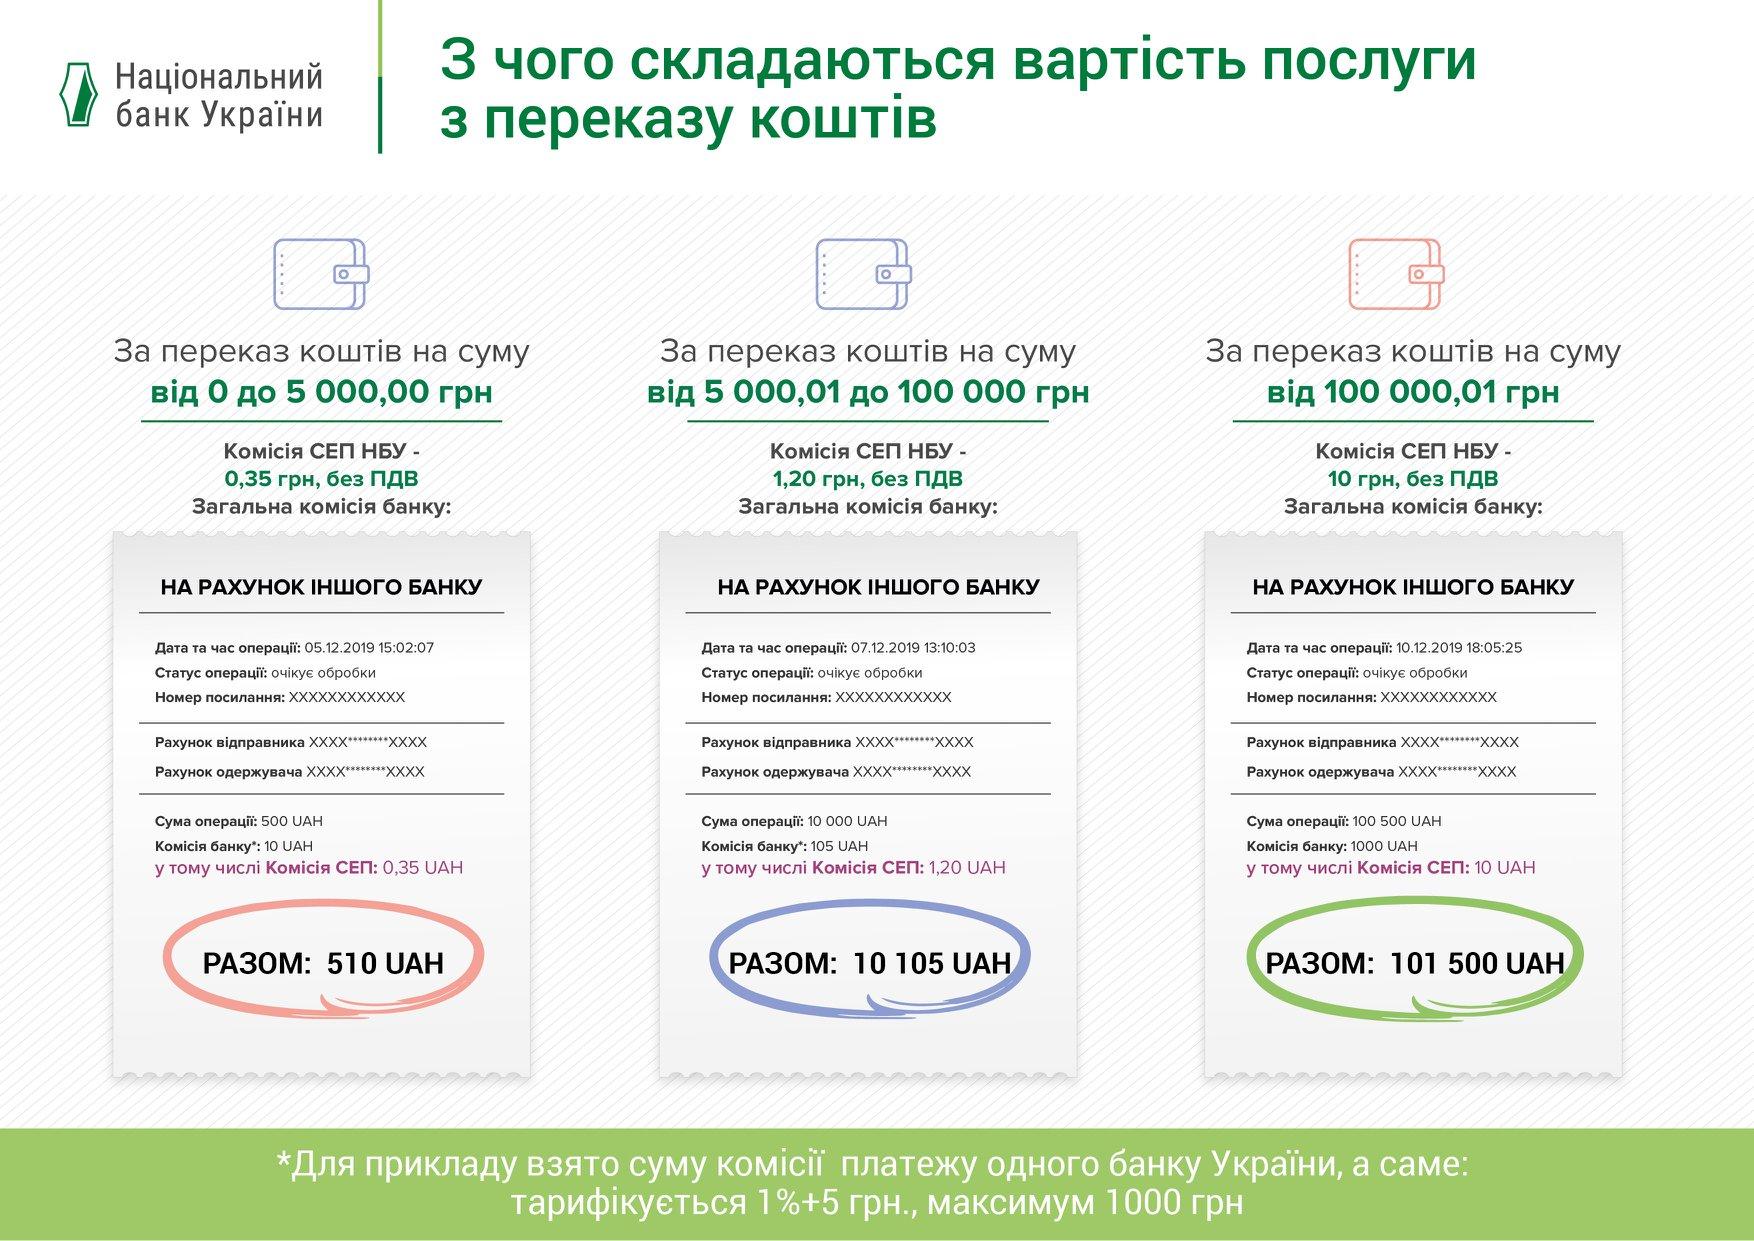 НБУ змінив тарифи на переказ коштів